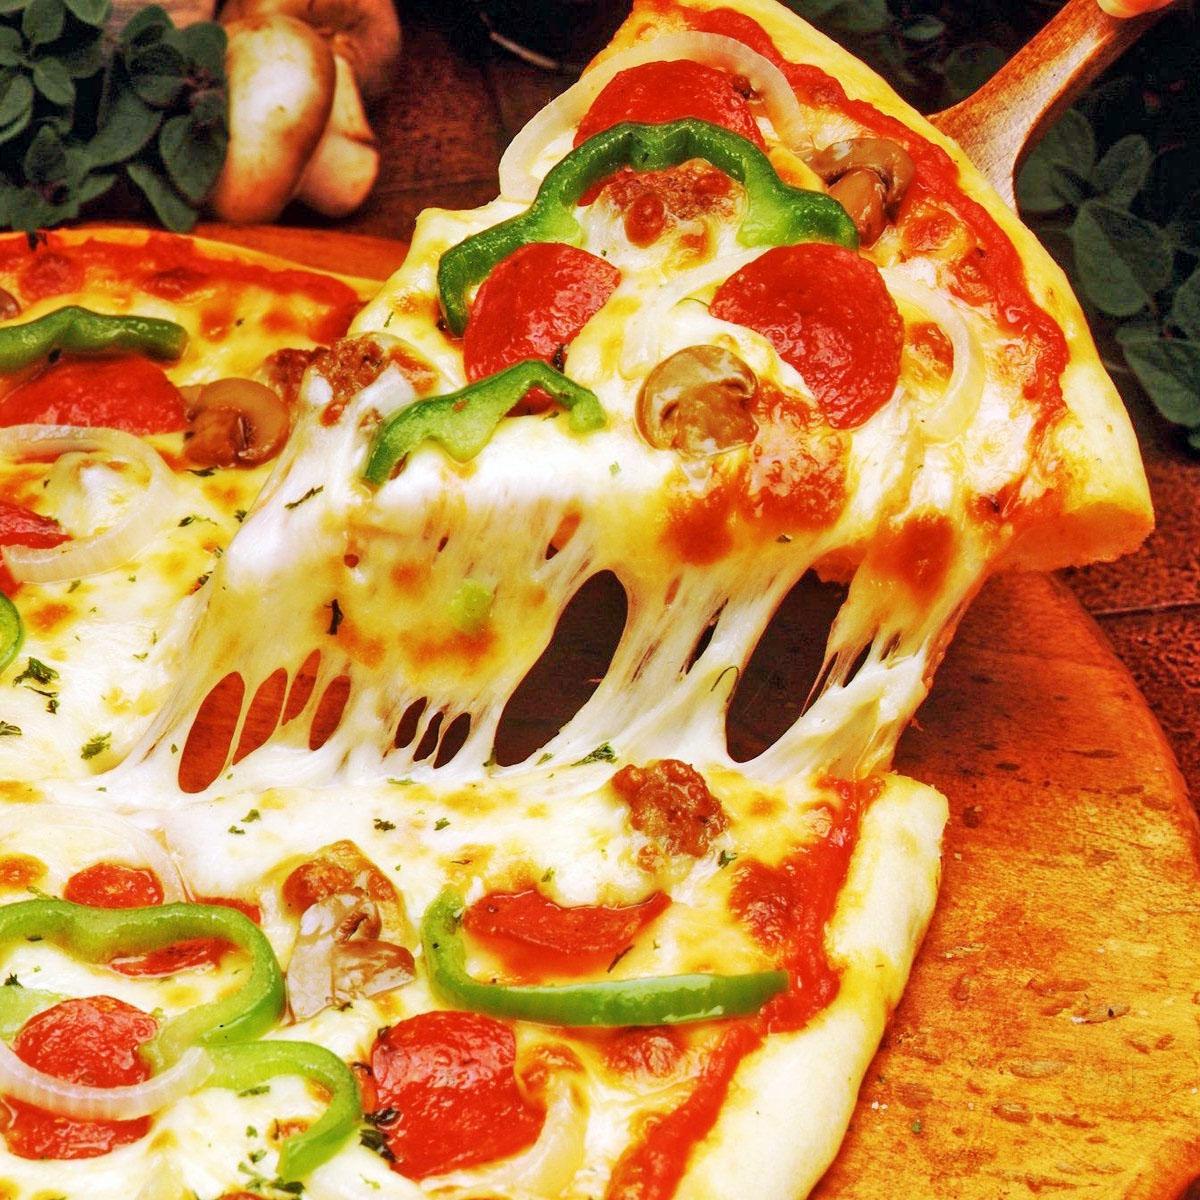 SAMMELDEAL Wagner Steinofen Pizza für 1,49€ bei (Lidl, Real, REWE ab 3.4., Kaufland ab 5.4.)